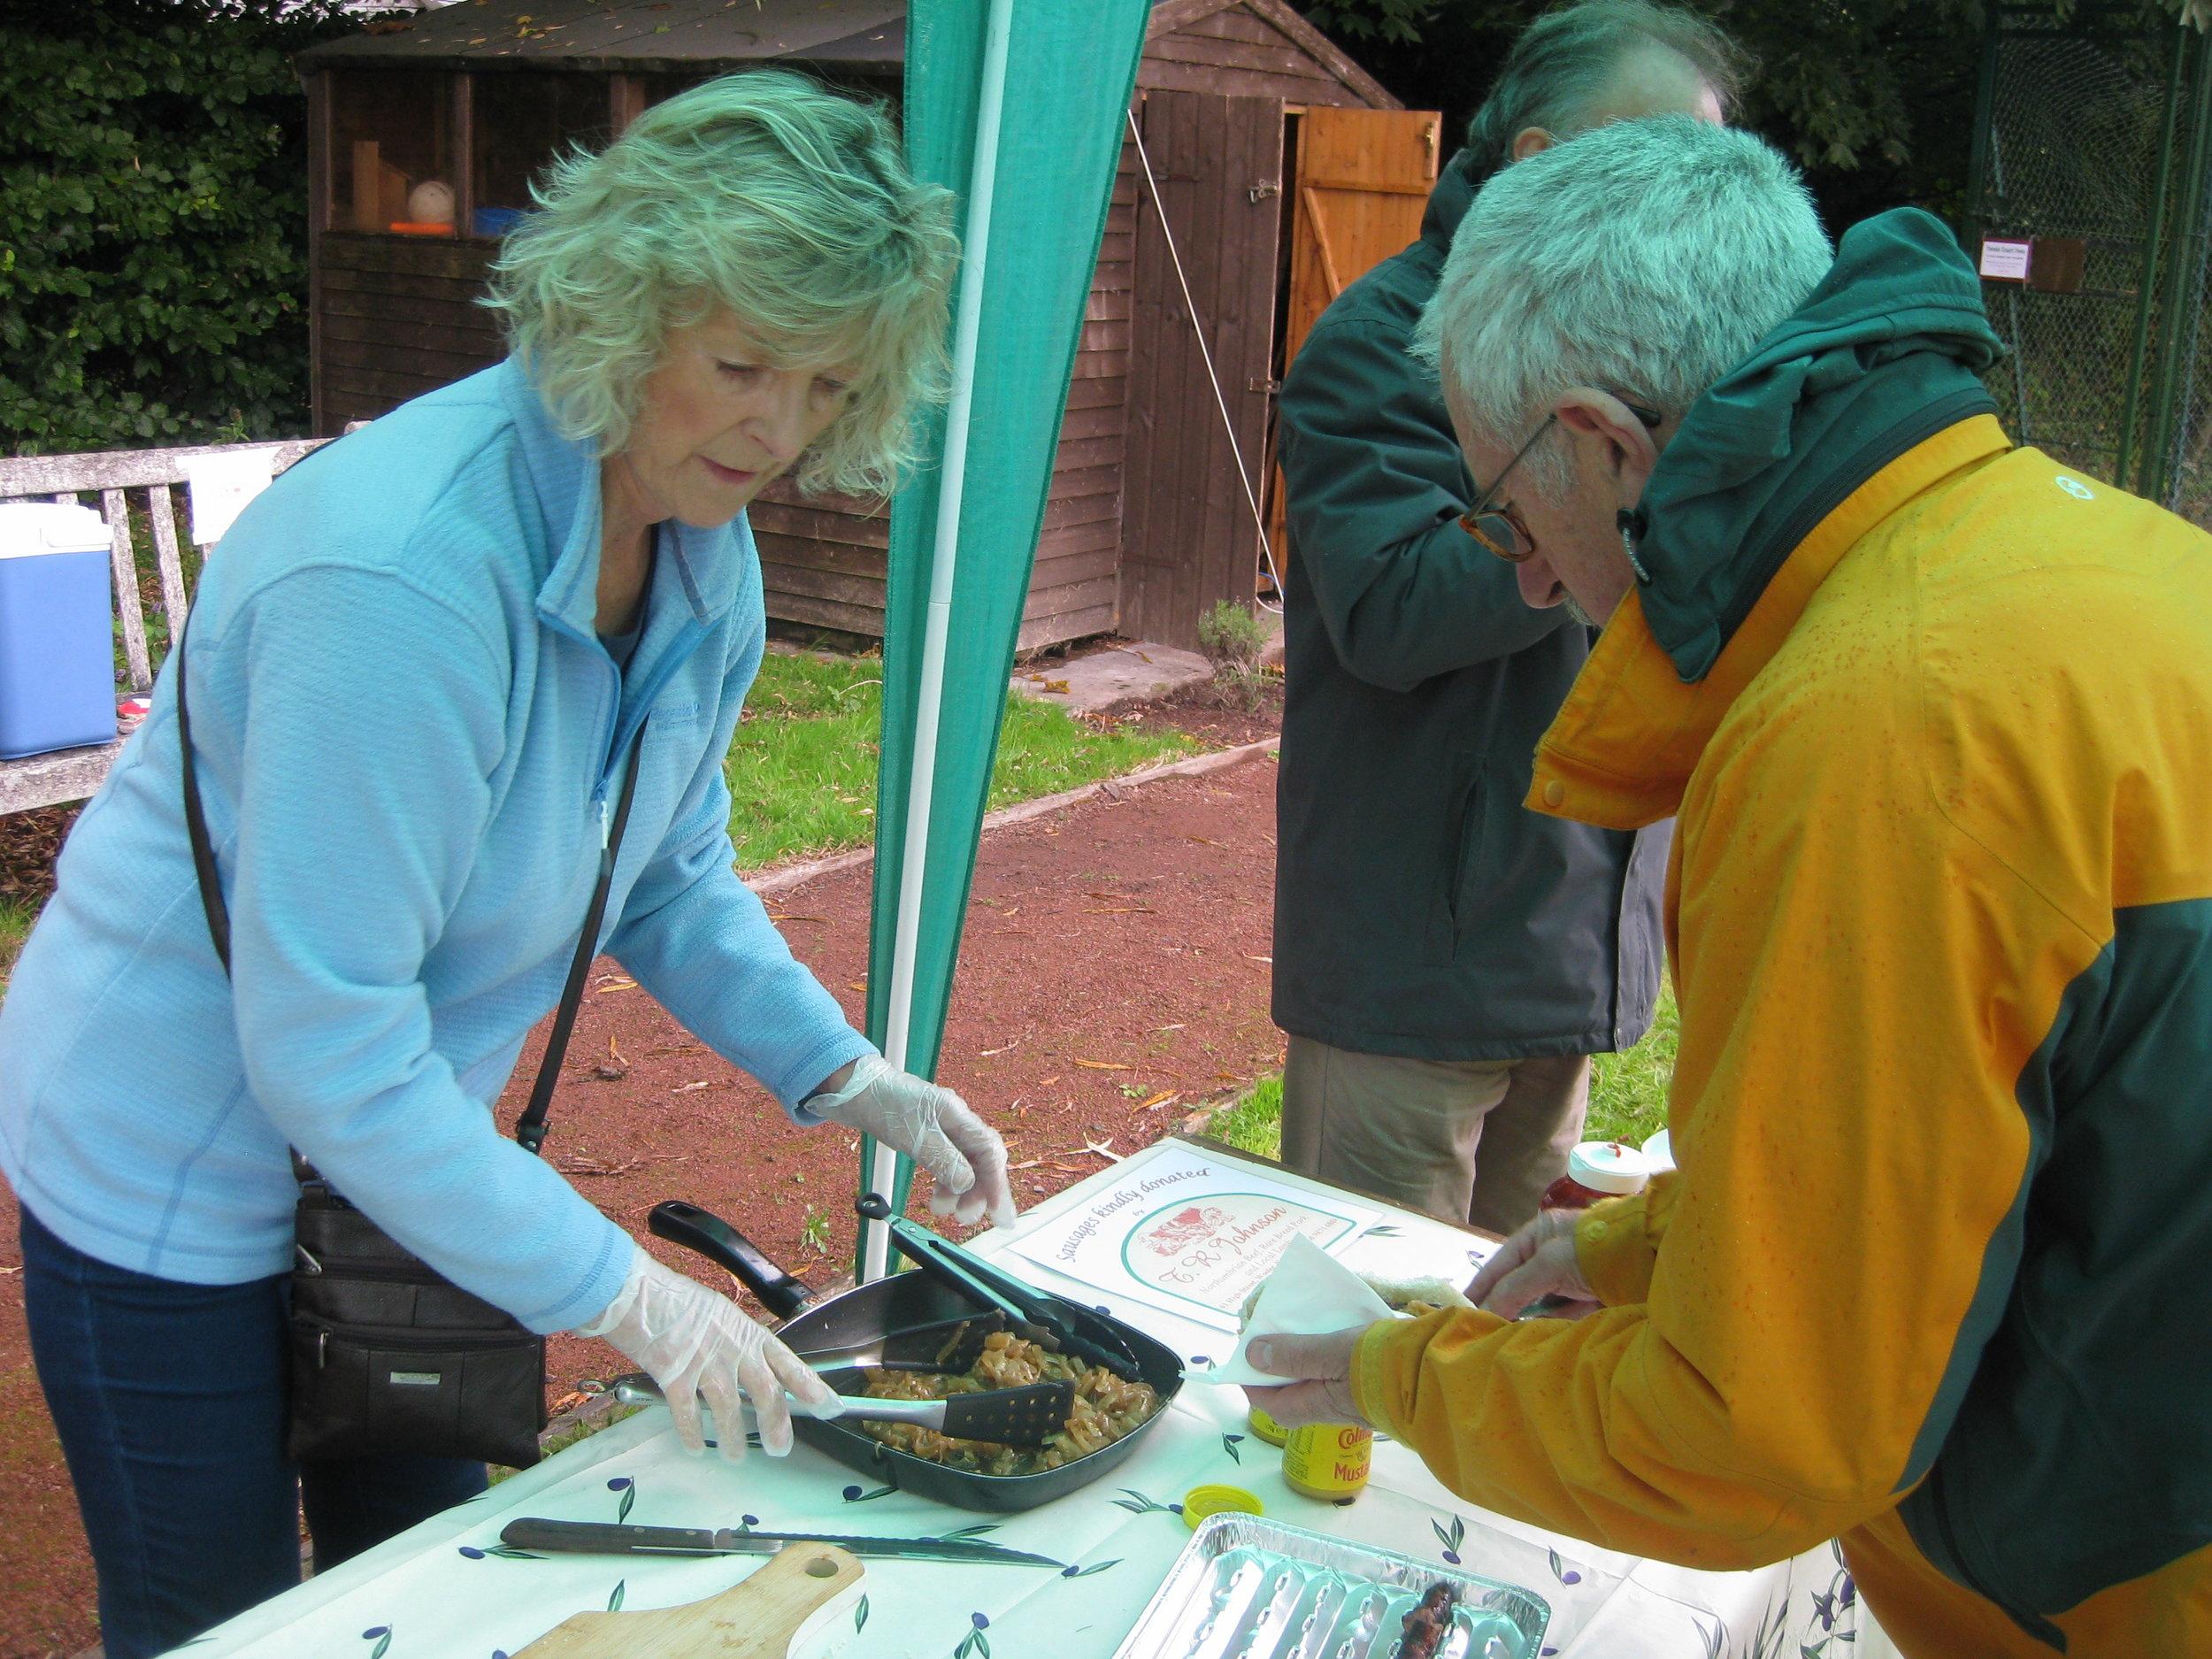 Jane serving sausage sandwiches